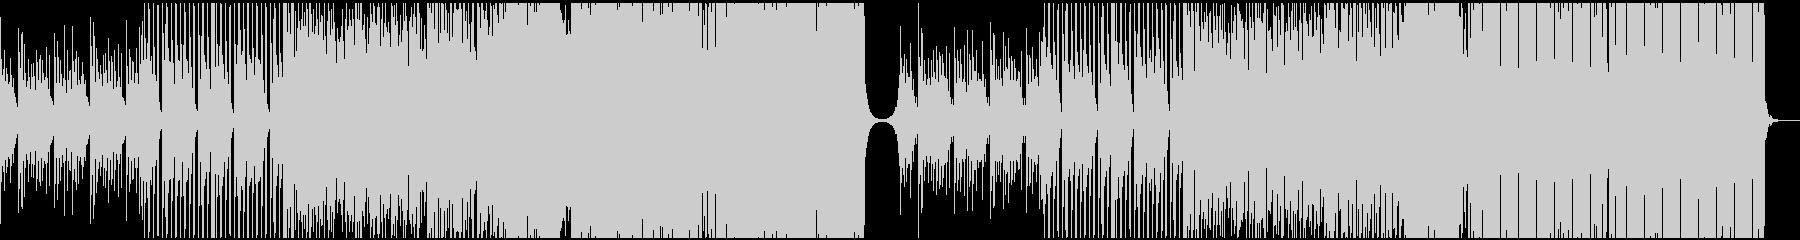 切ない雰囲気のEDMの未再生の波形